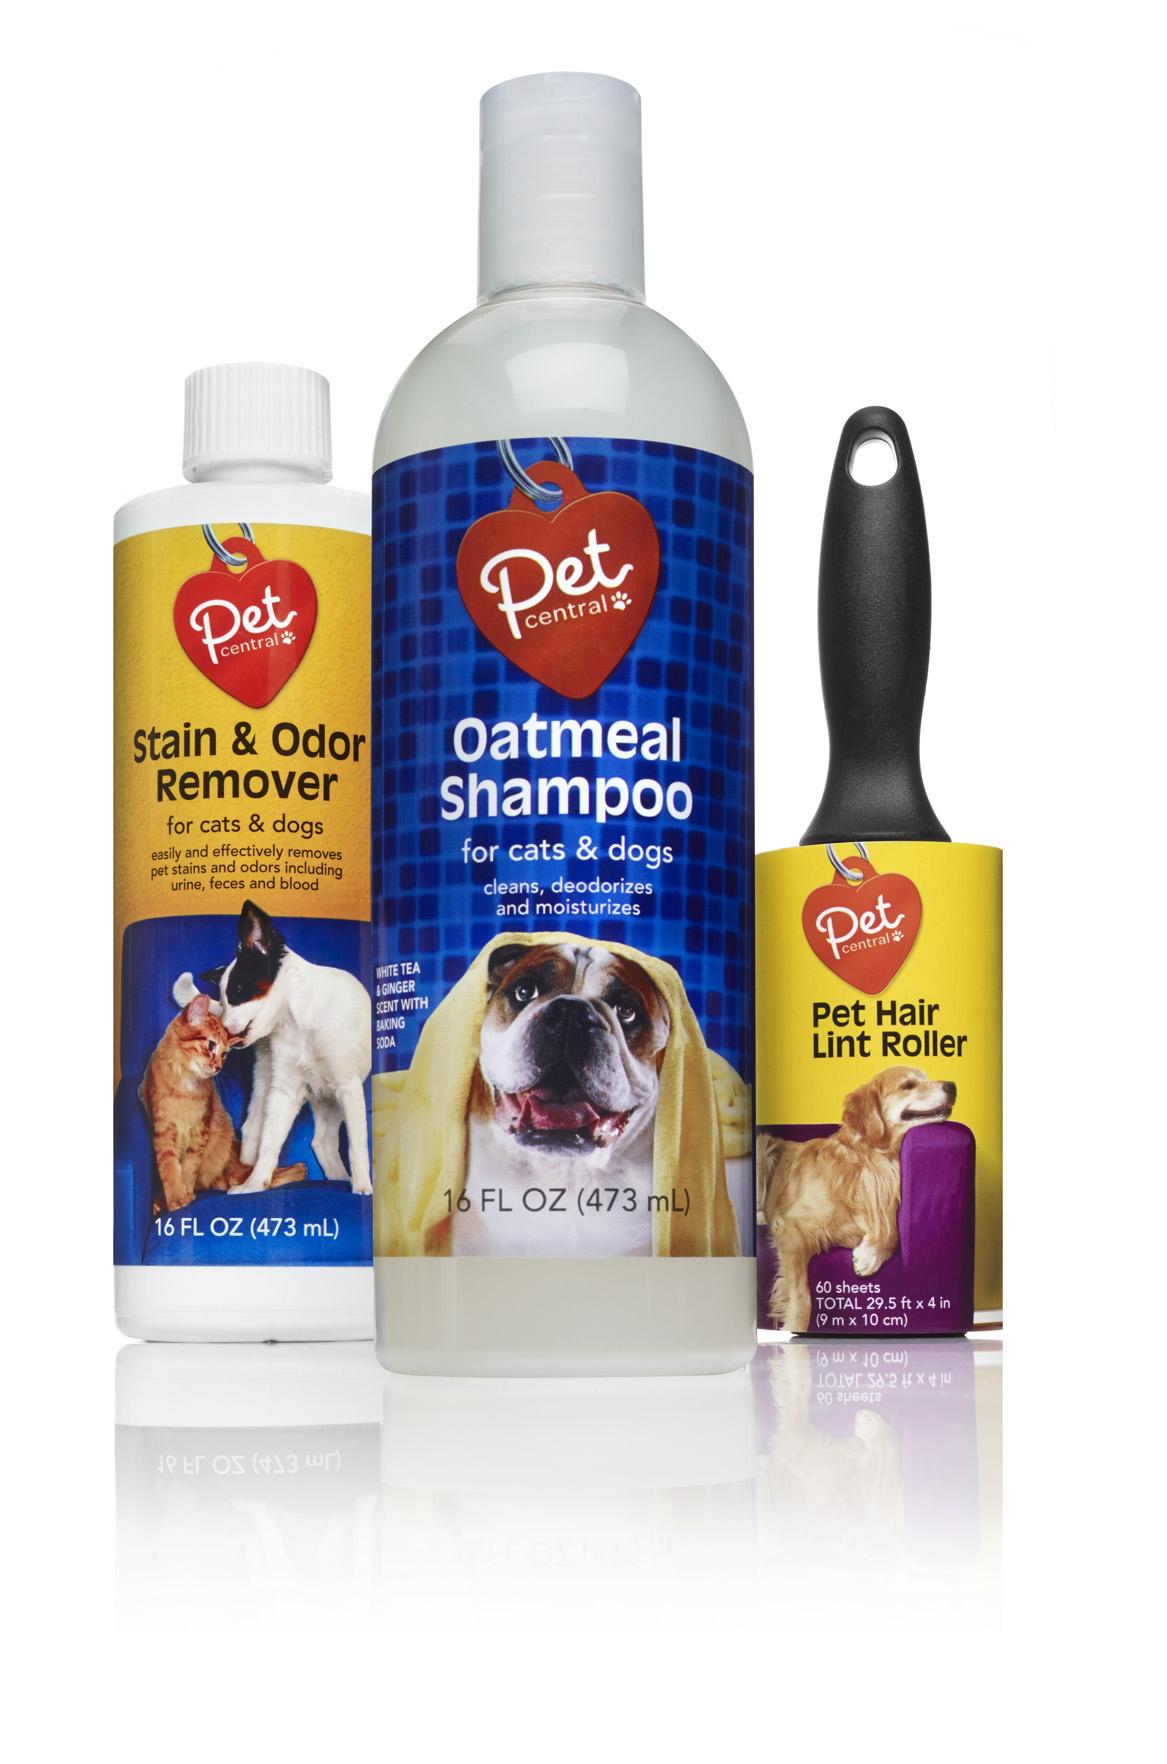 Pet Essentialsrebranding developed for CVS/pharmacy.  Brand development and art direction.